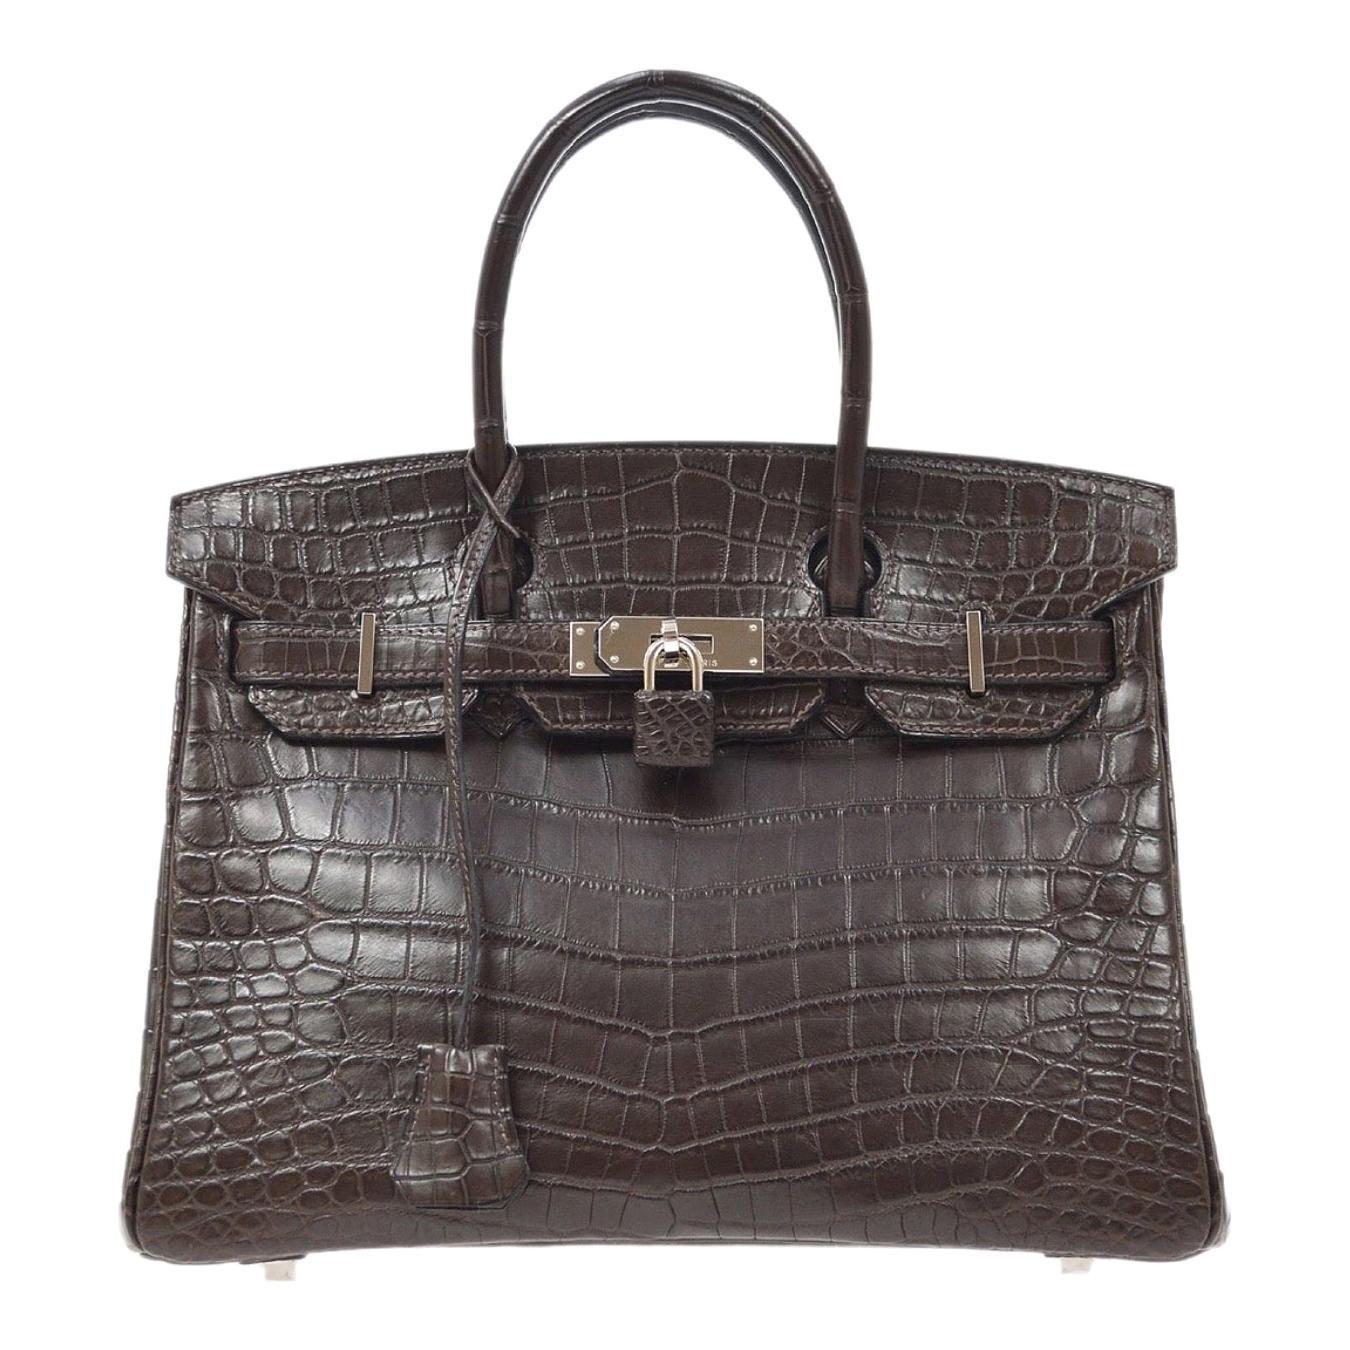 Hermes Birkin 30 Brown Crocodile Exotic Silver Top Handle Satchel Tote Bag w/Box